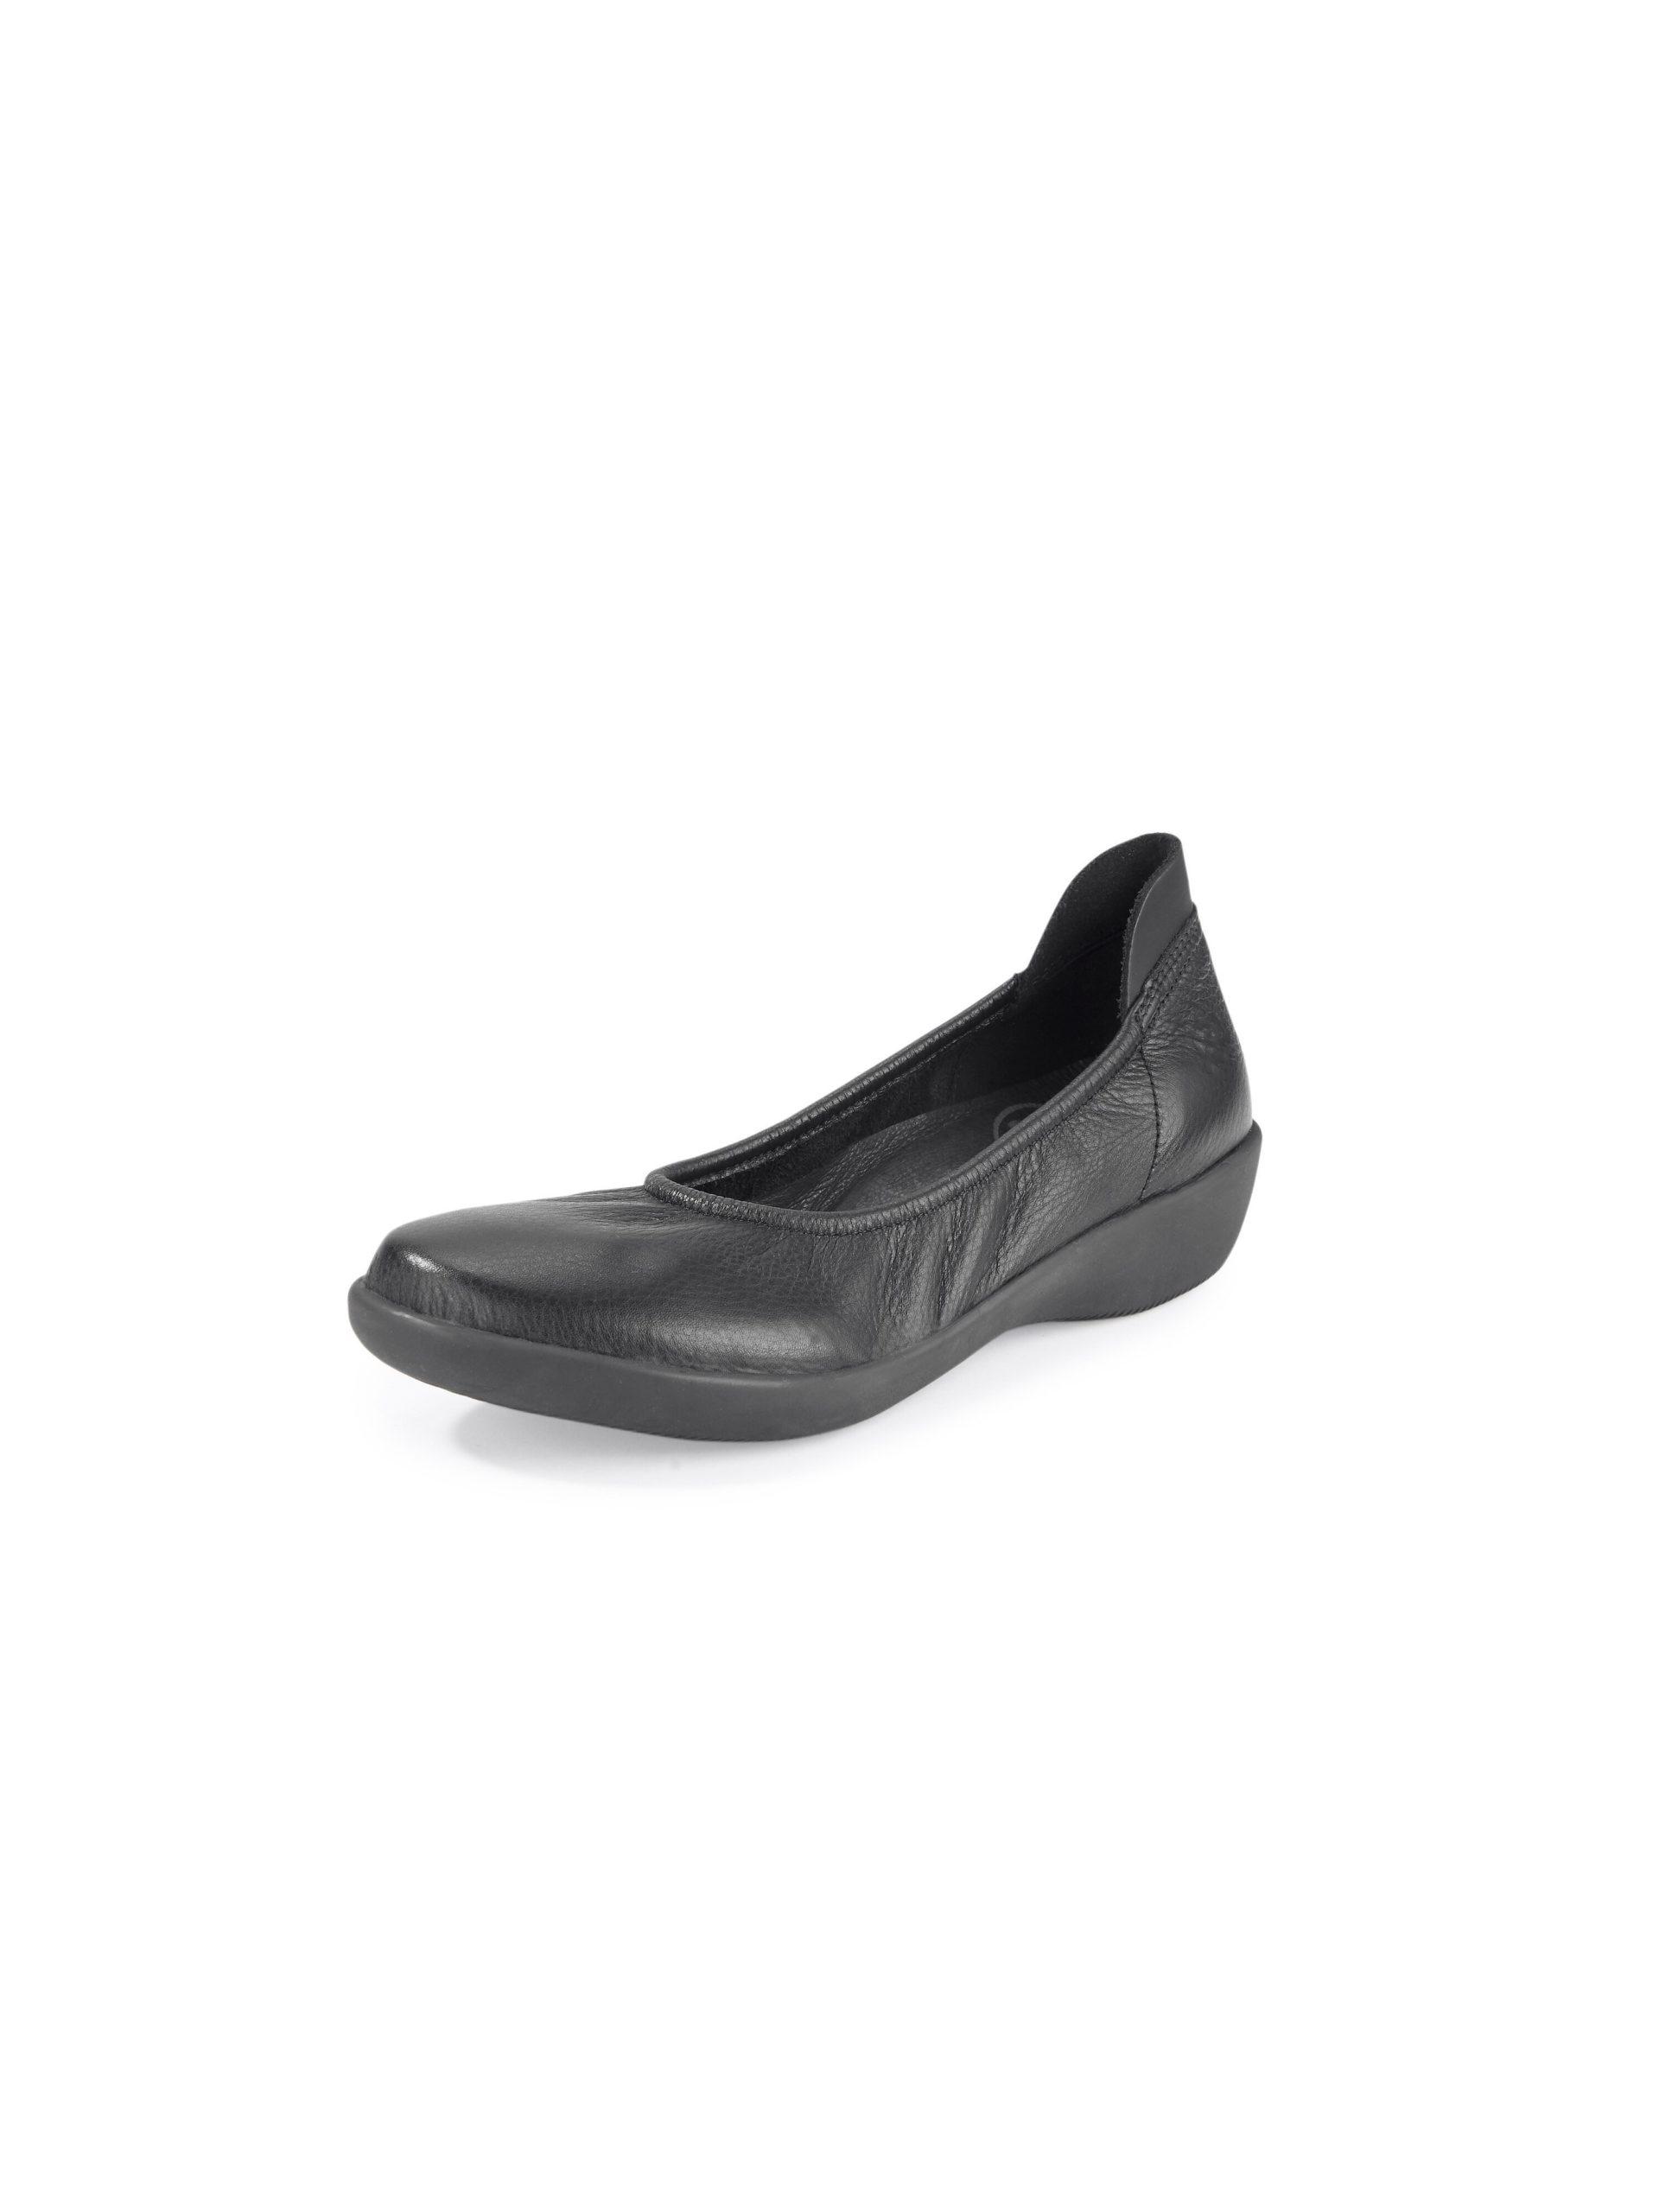 Ballerina's Van Loints Of Holland zwart Kopen